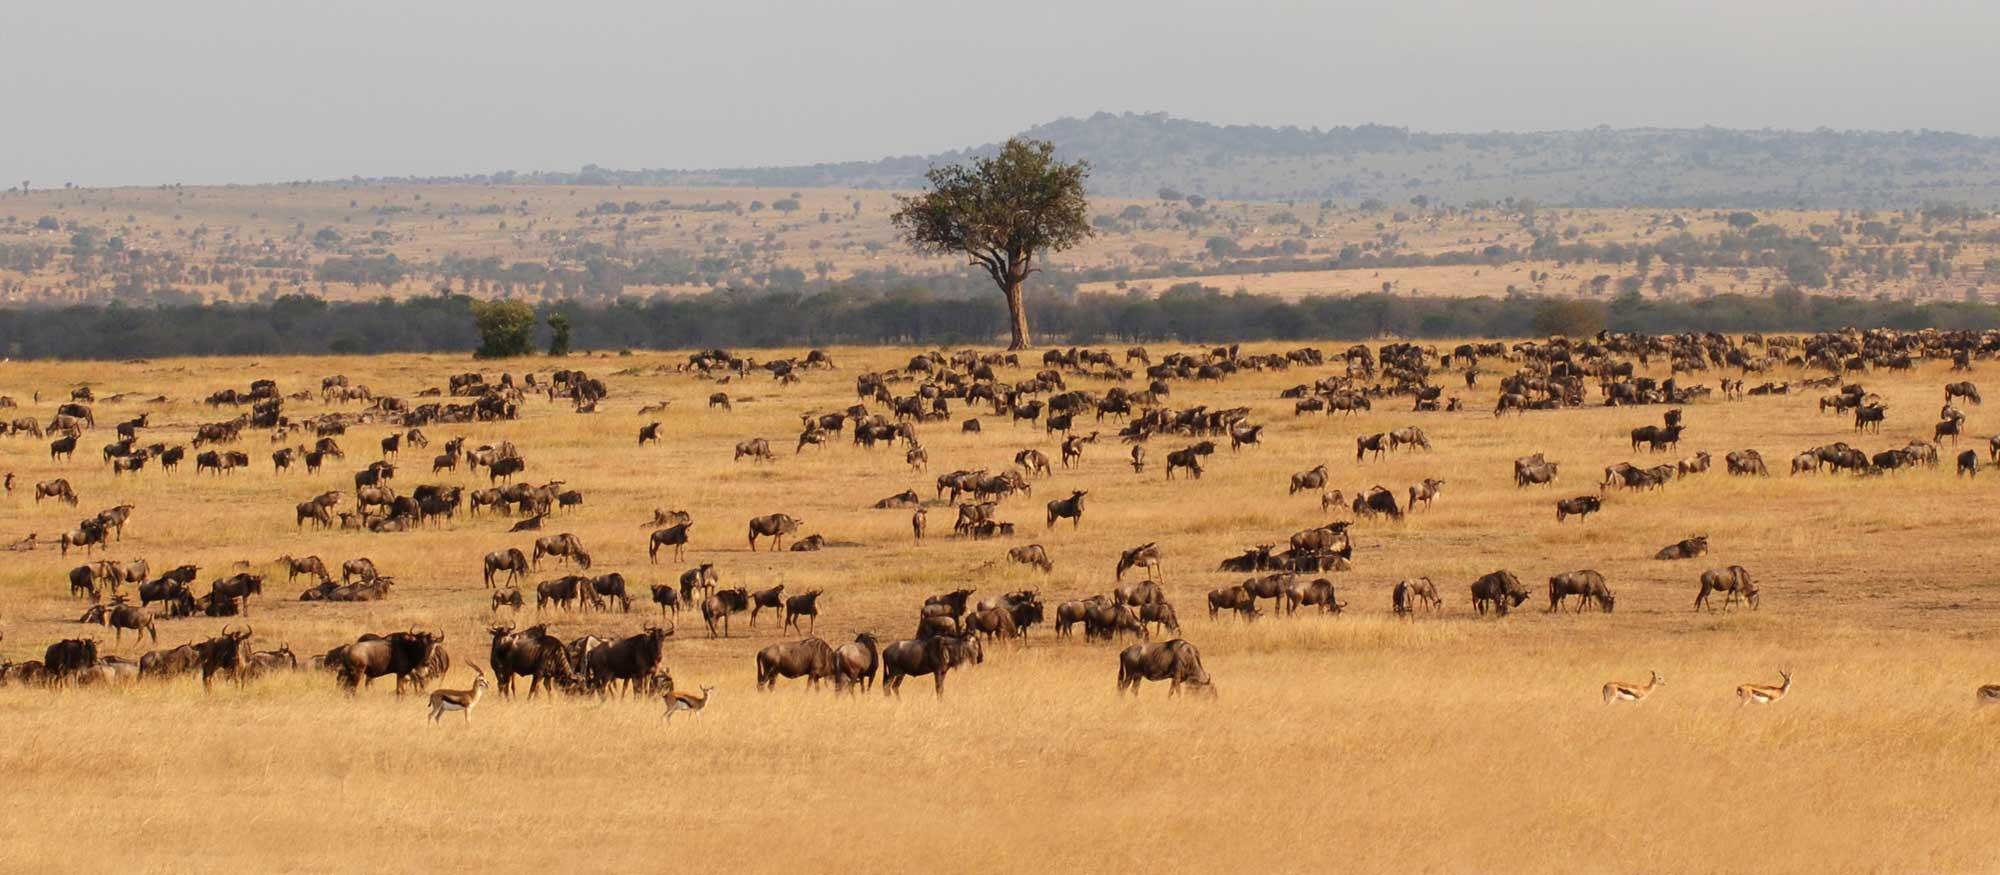 Des moments incroyables sur la terre d'Afrique